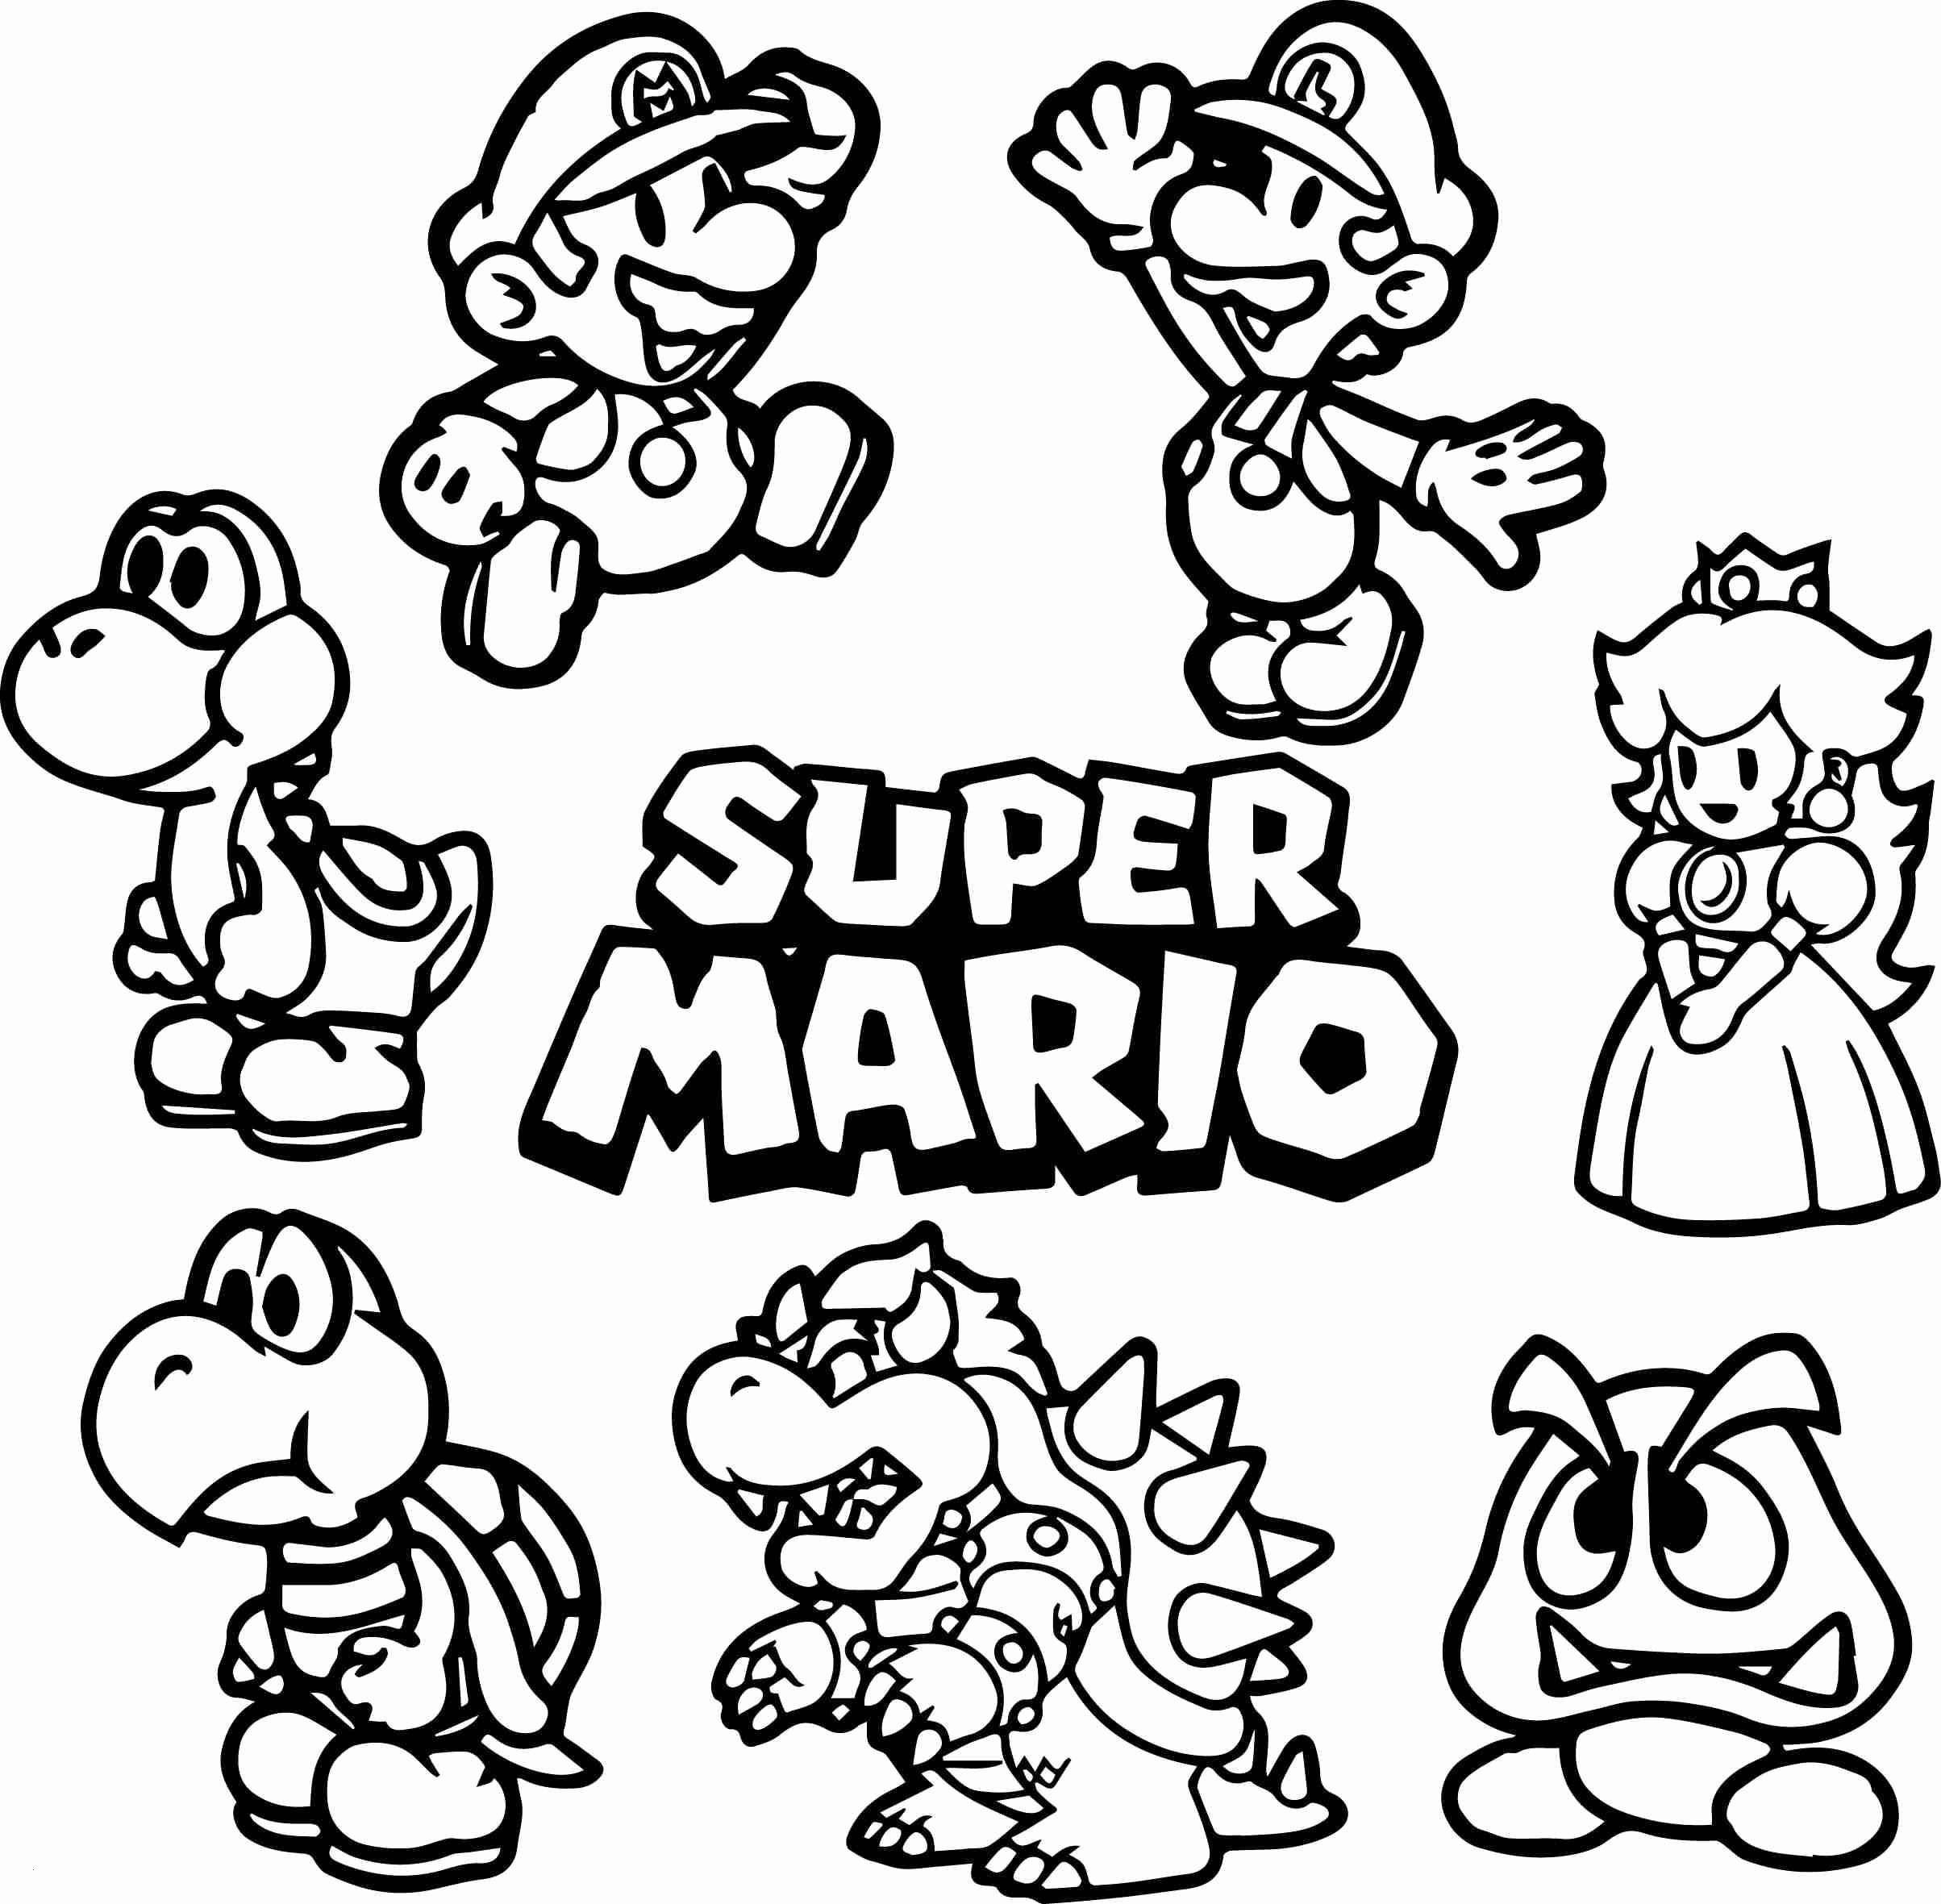 Super Mario Pilz Ausmalbilder Das Beste Von 37 Super Mario Kart Ausmalbilder Scoredatscore Elegant Ausmalbilder Stock